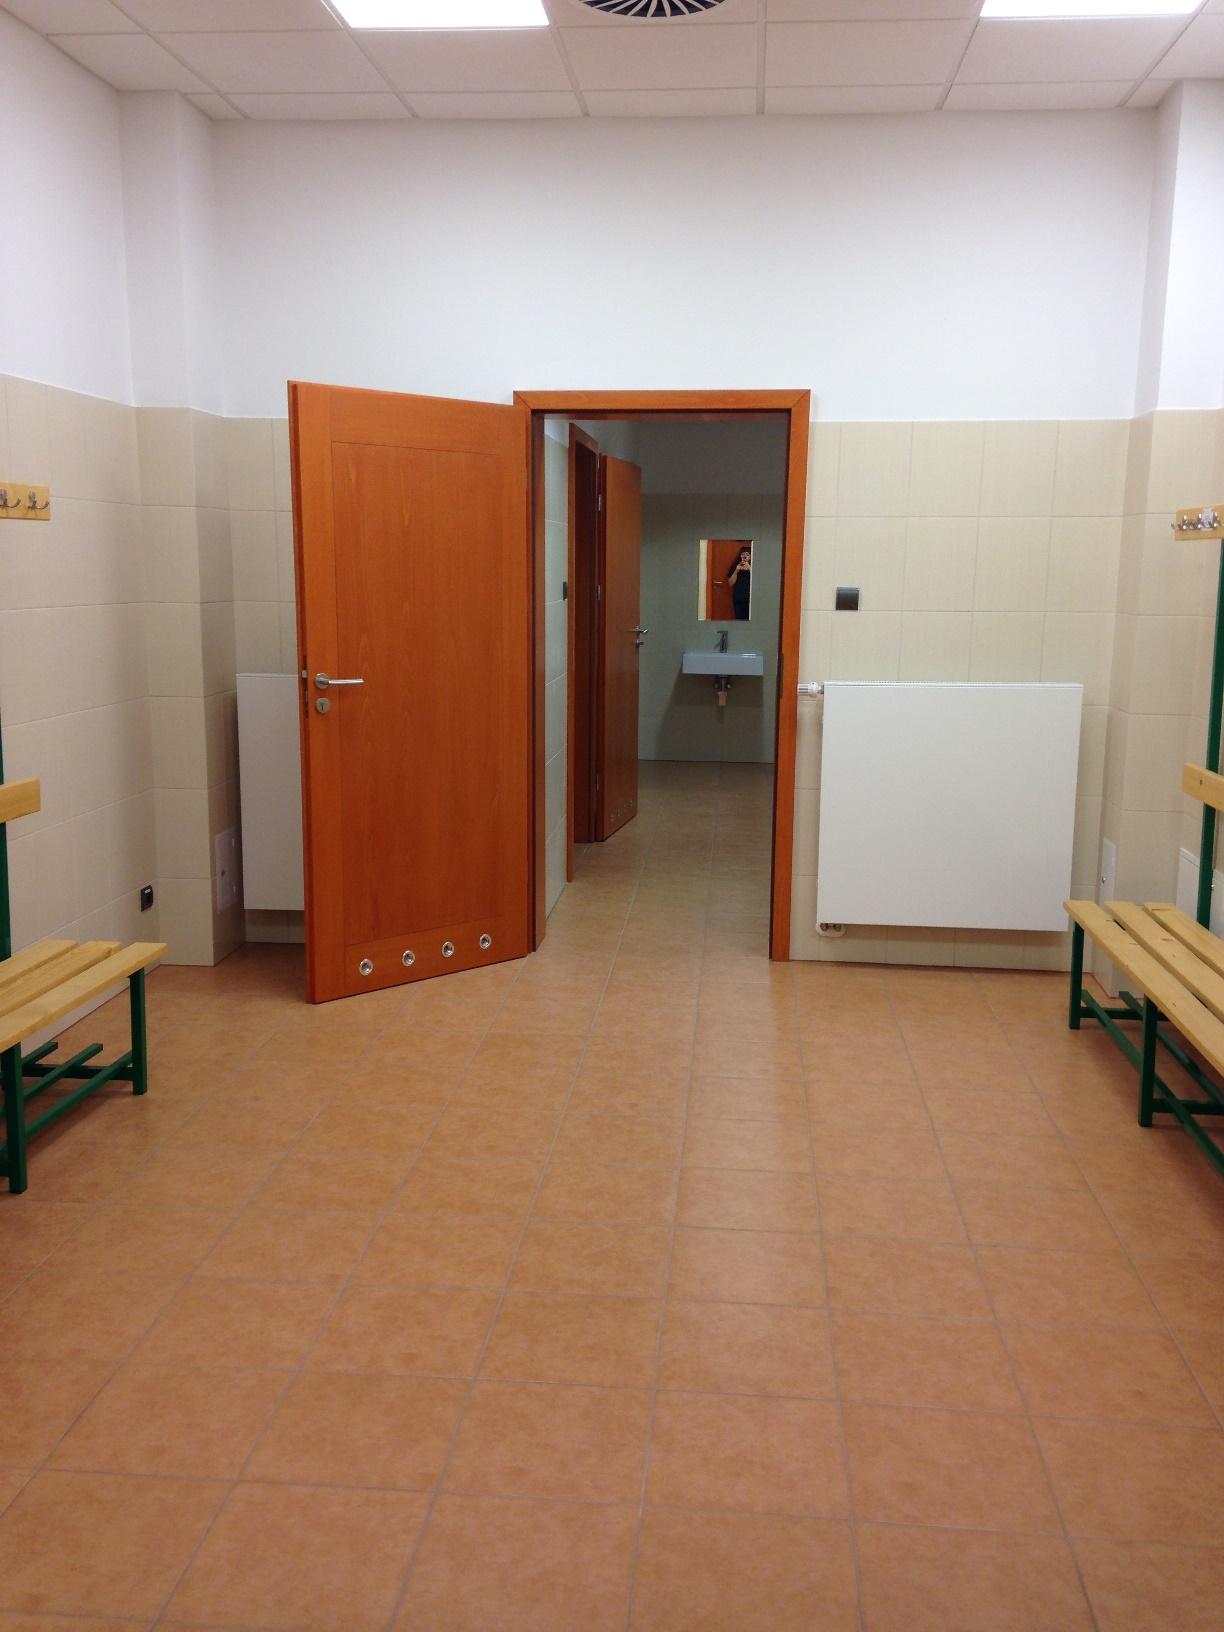 Przebieralnia damska - szatnia z widocznymi na wprost drzwiami prowadzącymi do pomieszczenia toalet i natrysków